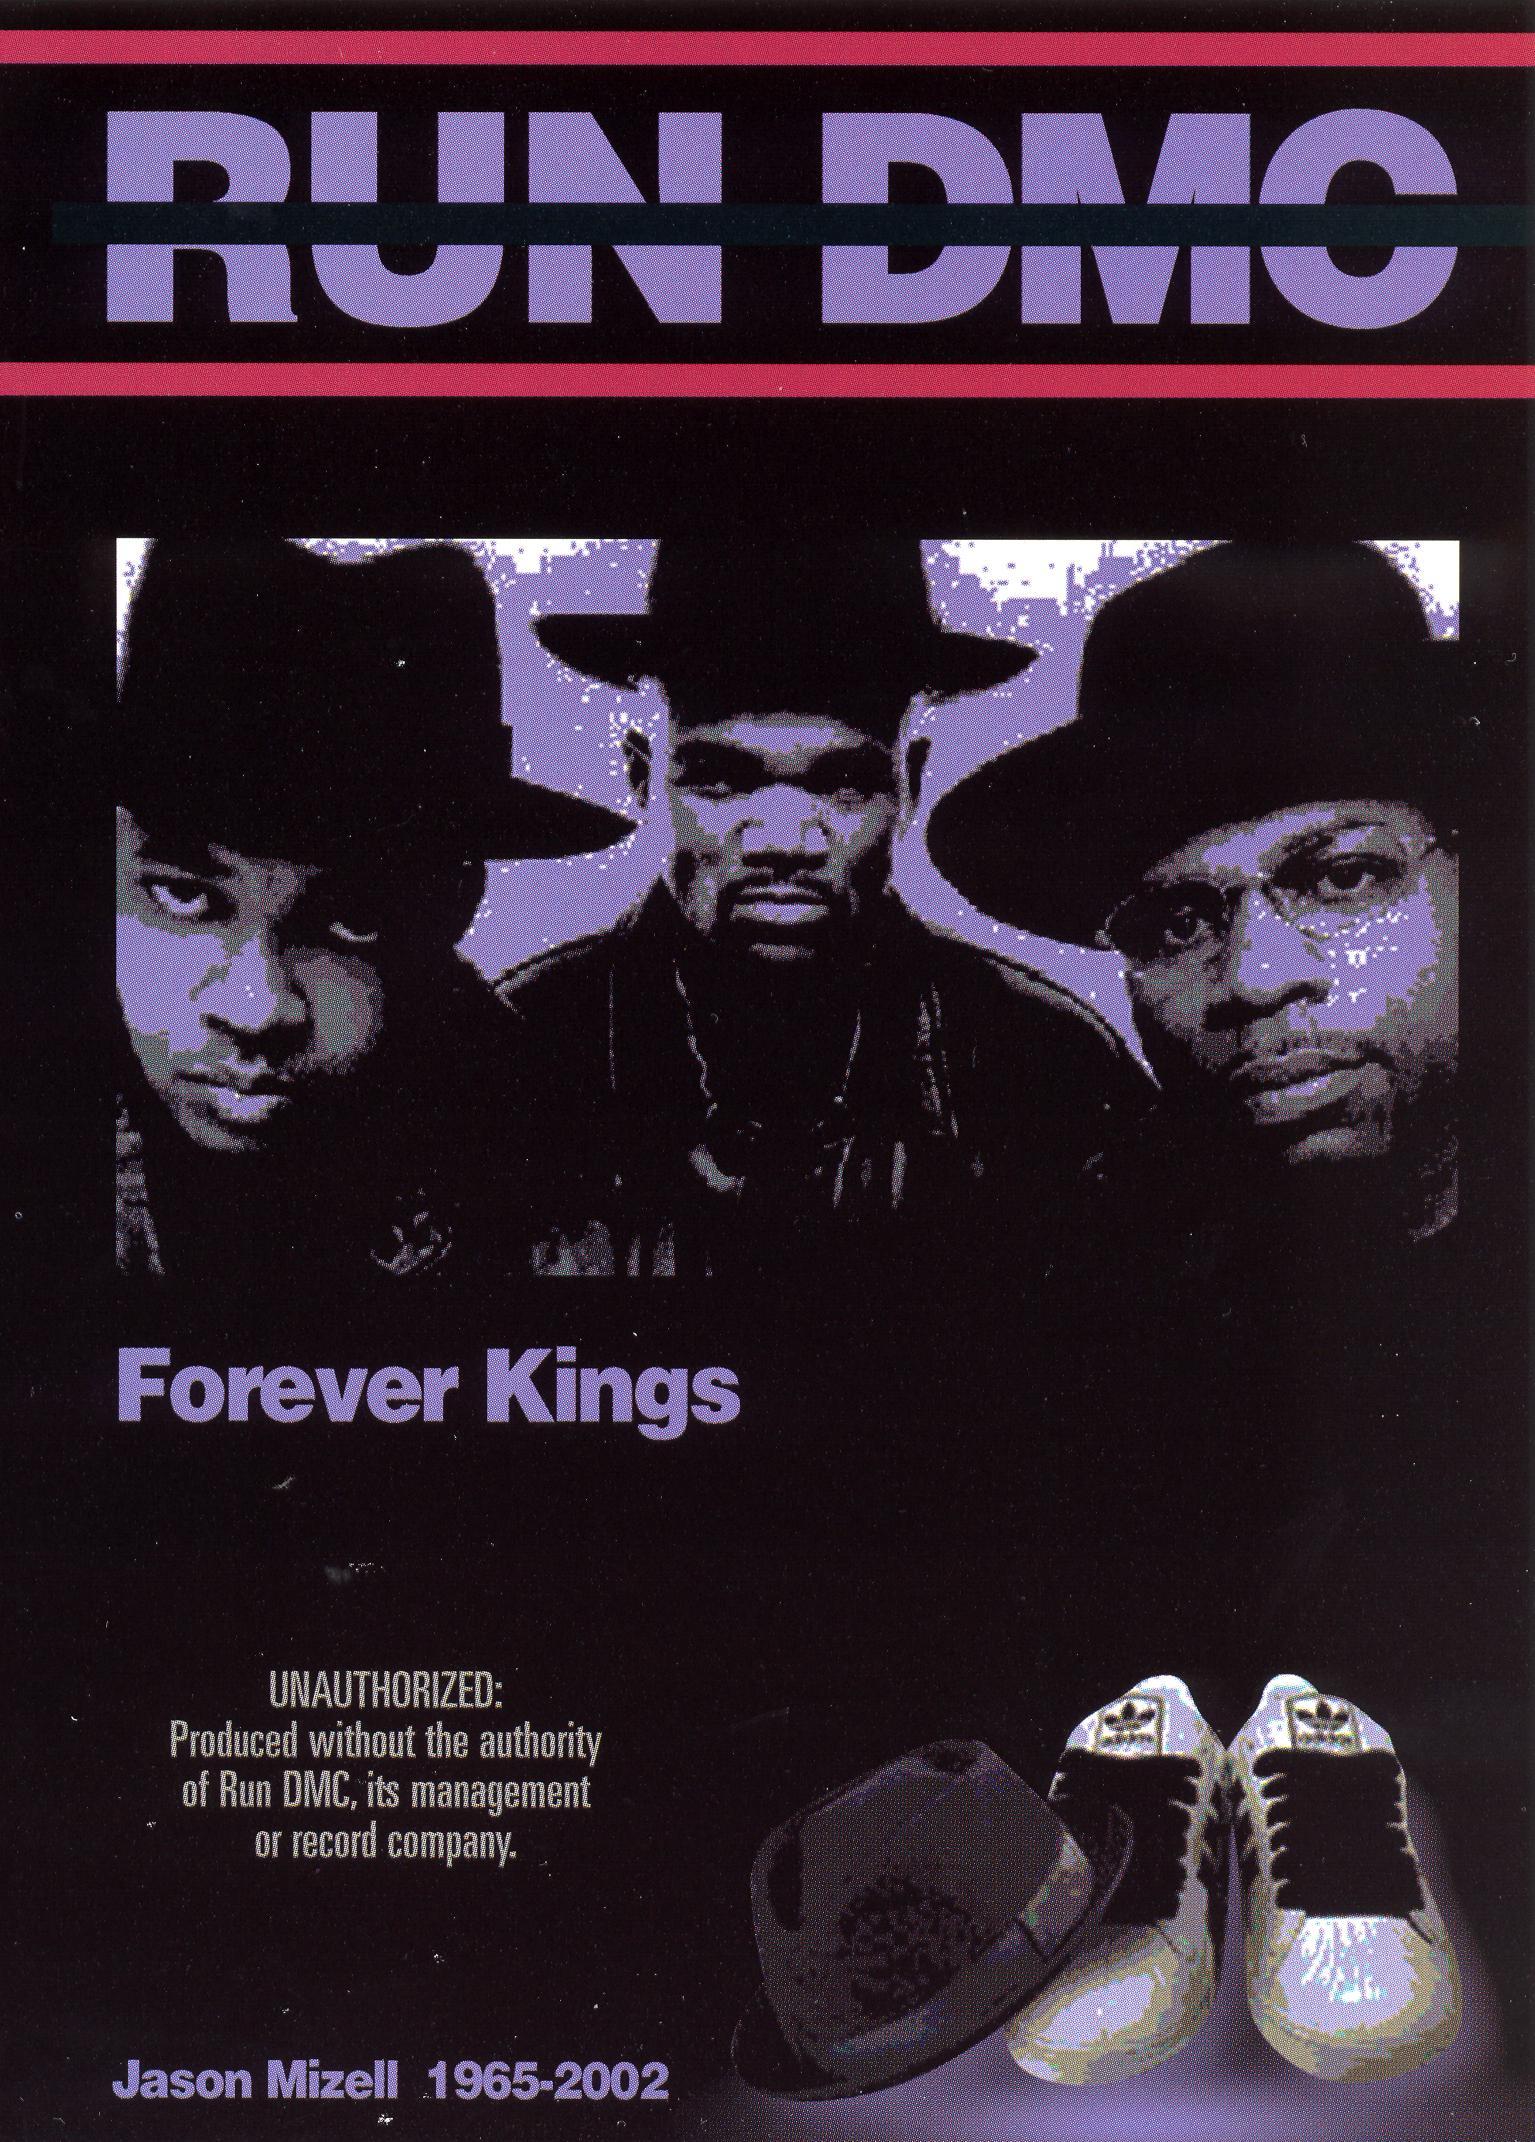 Run DMC: Forever Kings